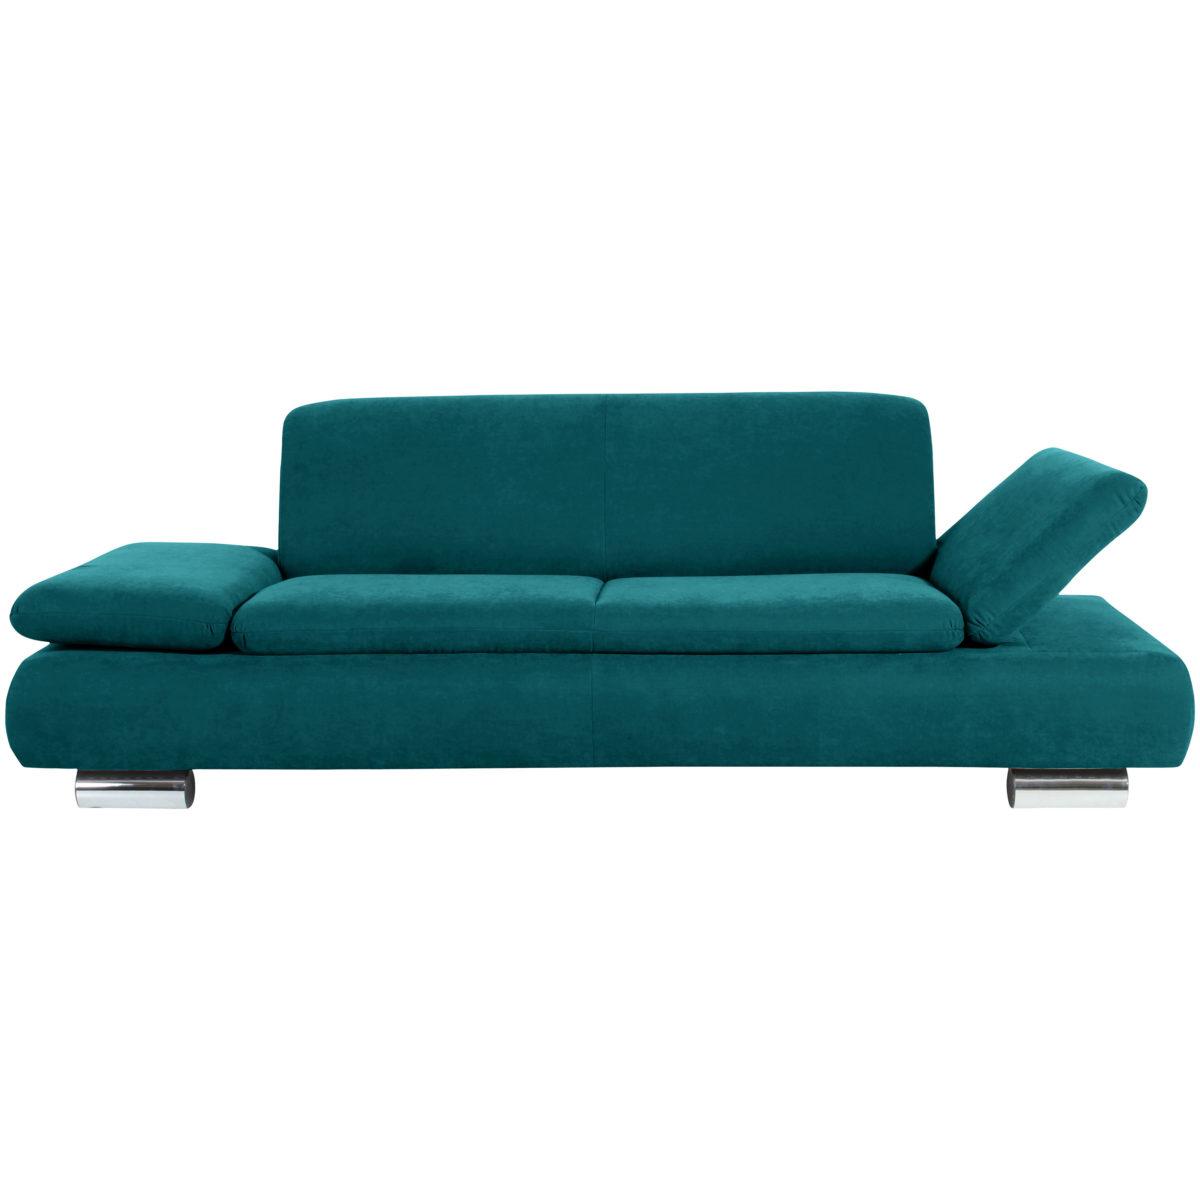 Full Size of Sofa 2 5 Sitzer Mawinzer Bett 140 X 200 Bunt Grün Mit Relaxfunktion Patchwork Auf Raten Stoff Grau Blaues Grünes 3 Kunstleder 180x200 Bettkasten Indomo Sofa Sofa 2 5 Sitzer